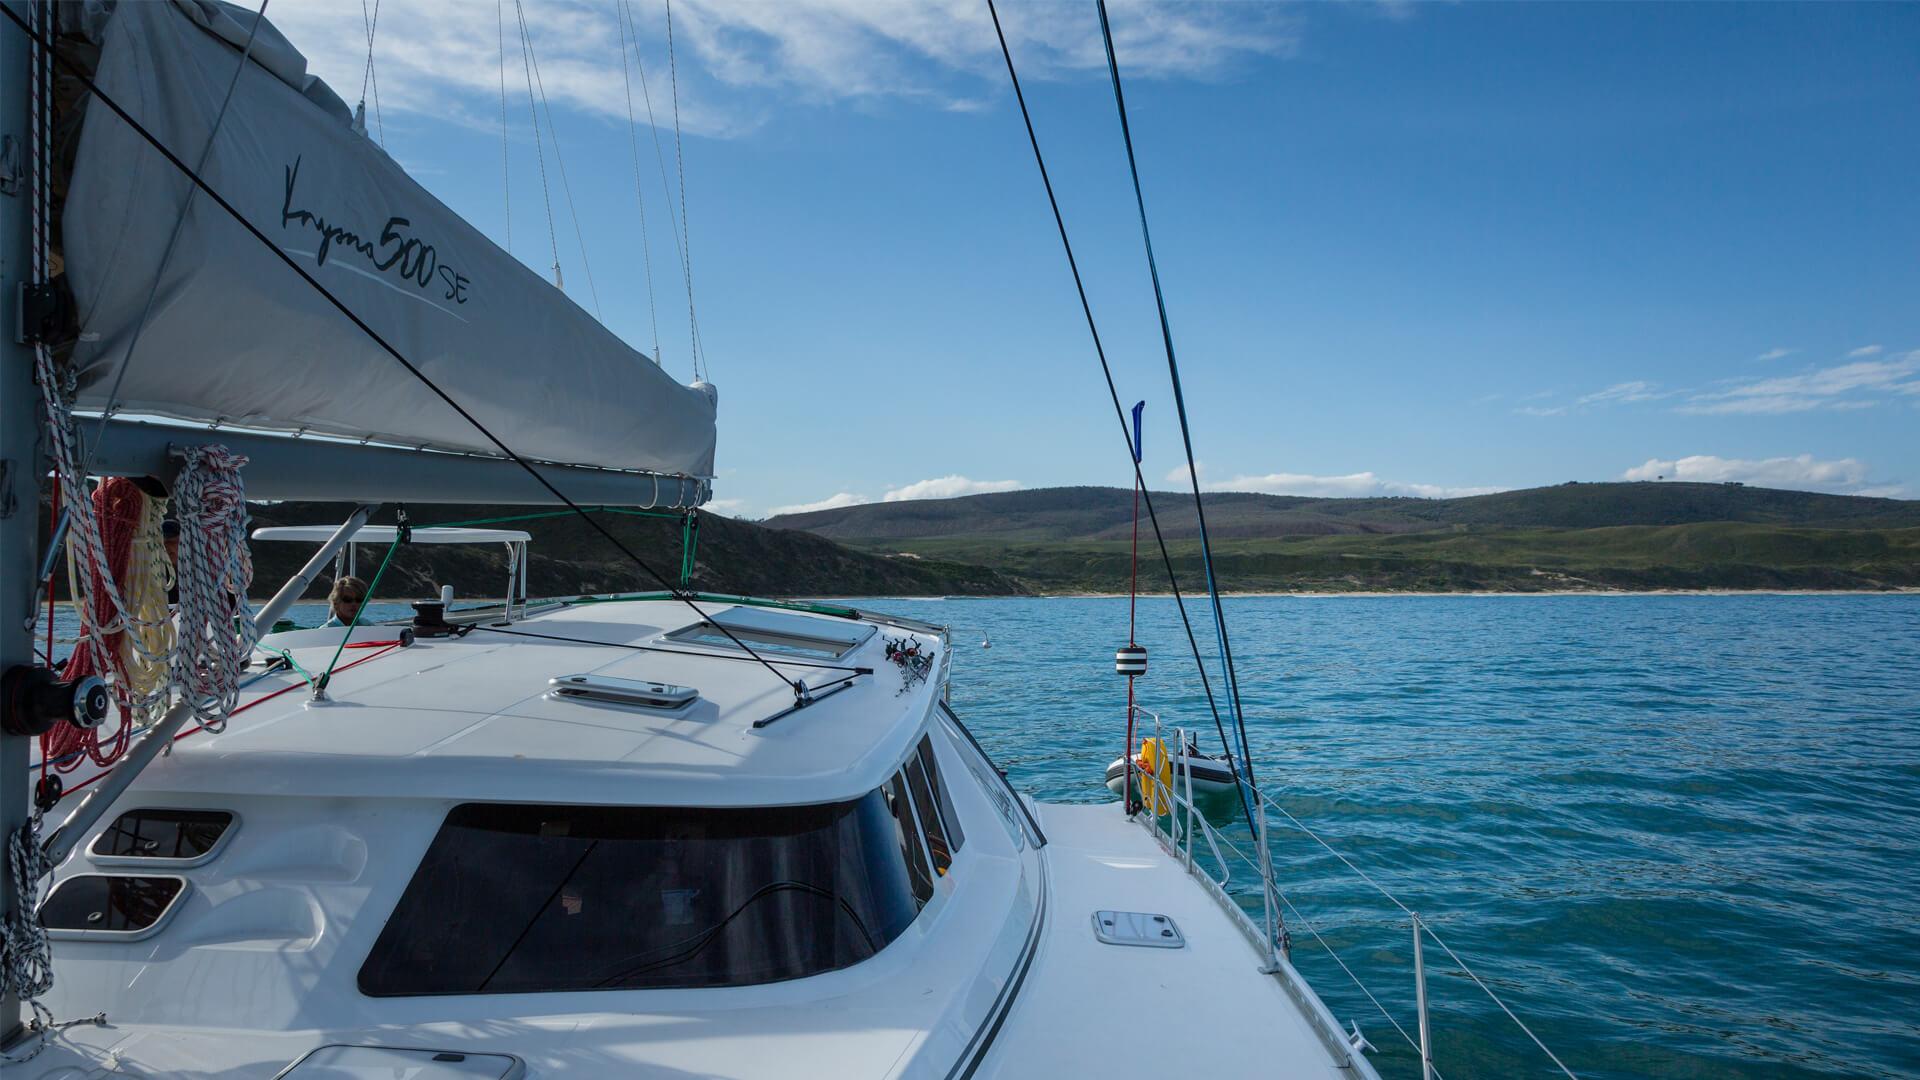 knysna 500SE on the water